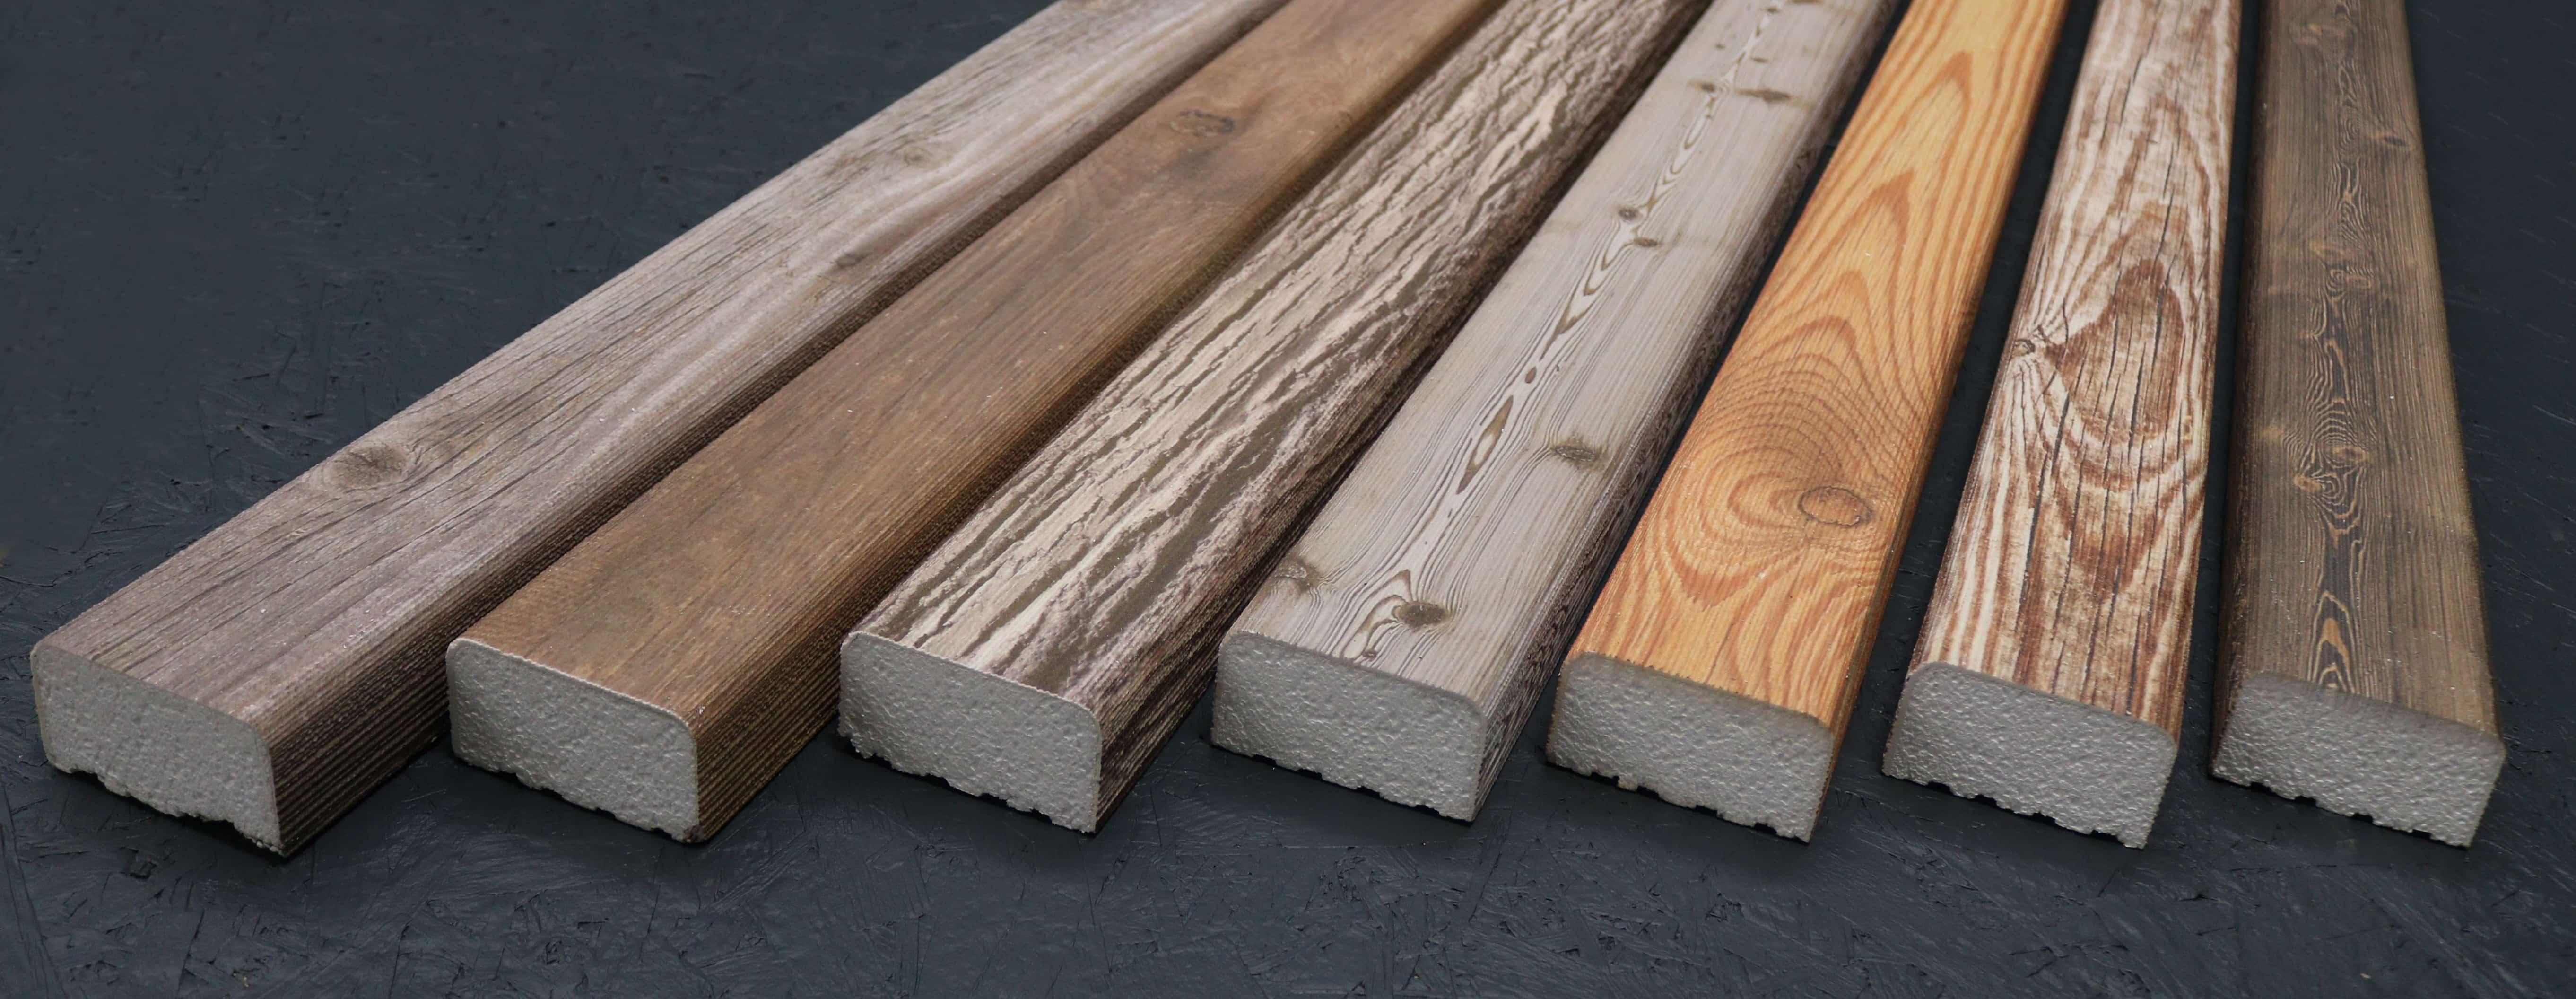 Kantholz/Holzpfosten Styropor Amsterdam 9cm x 5cm